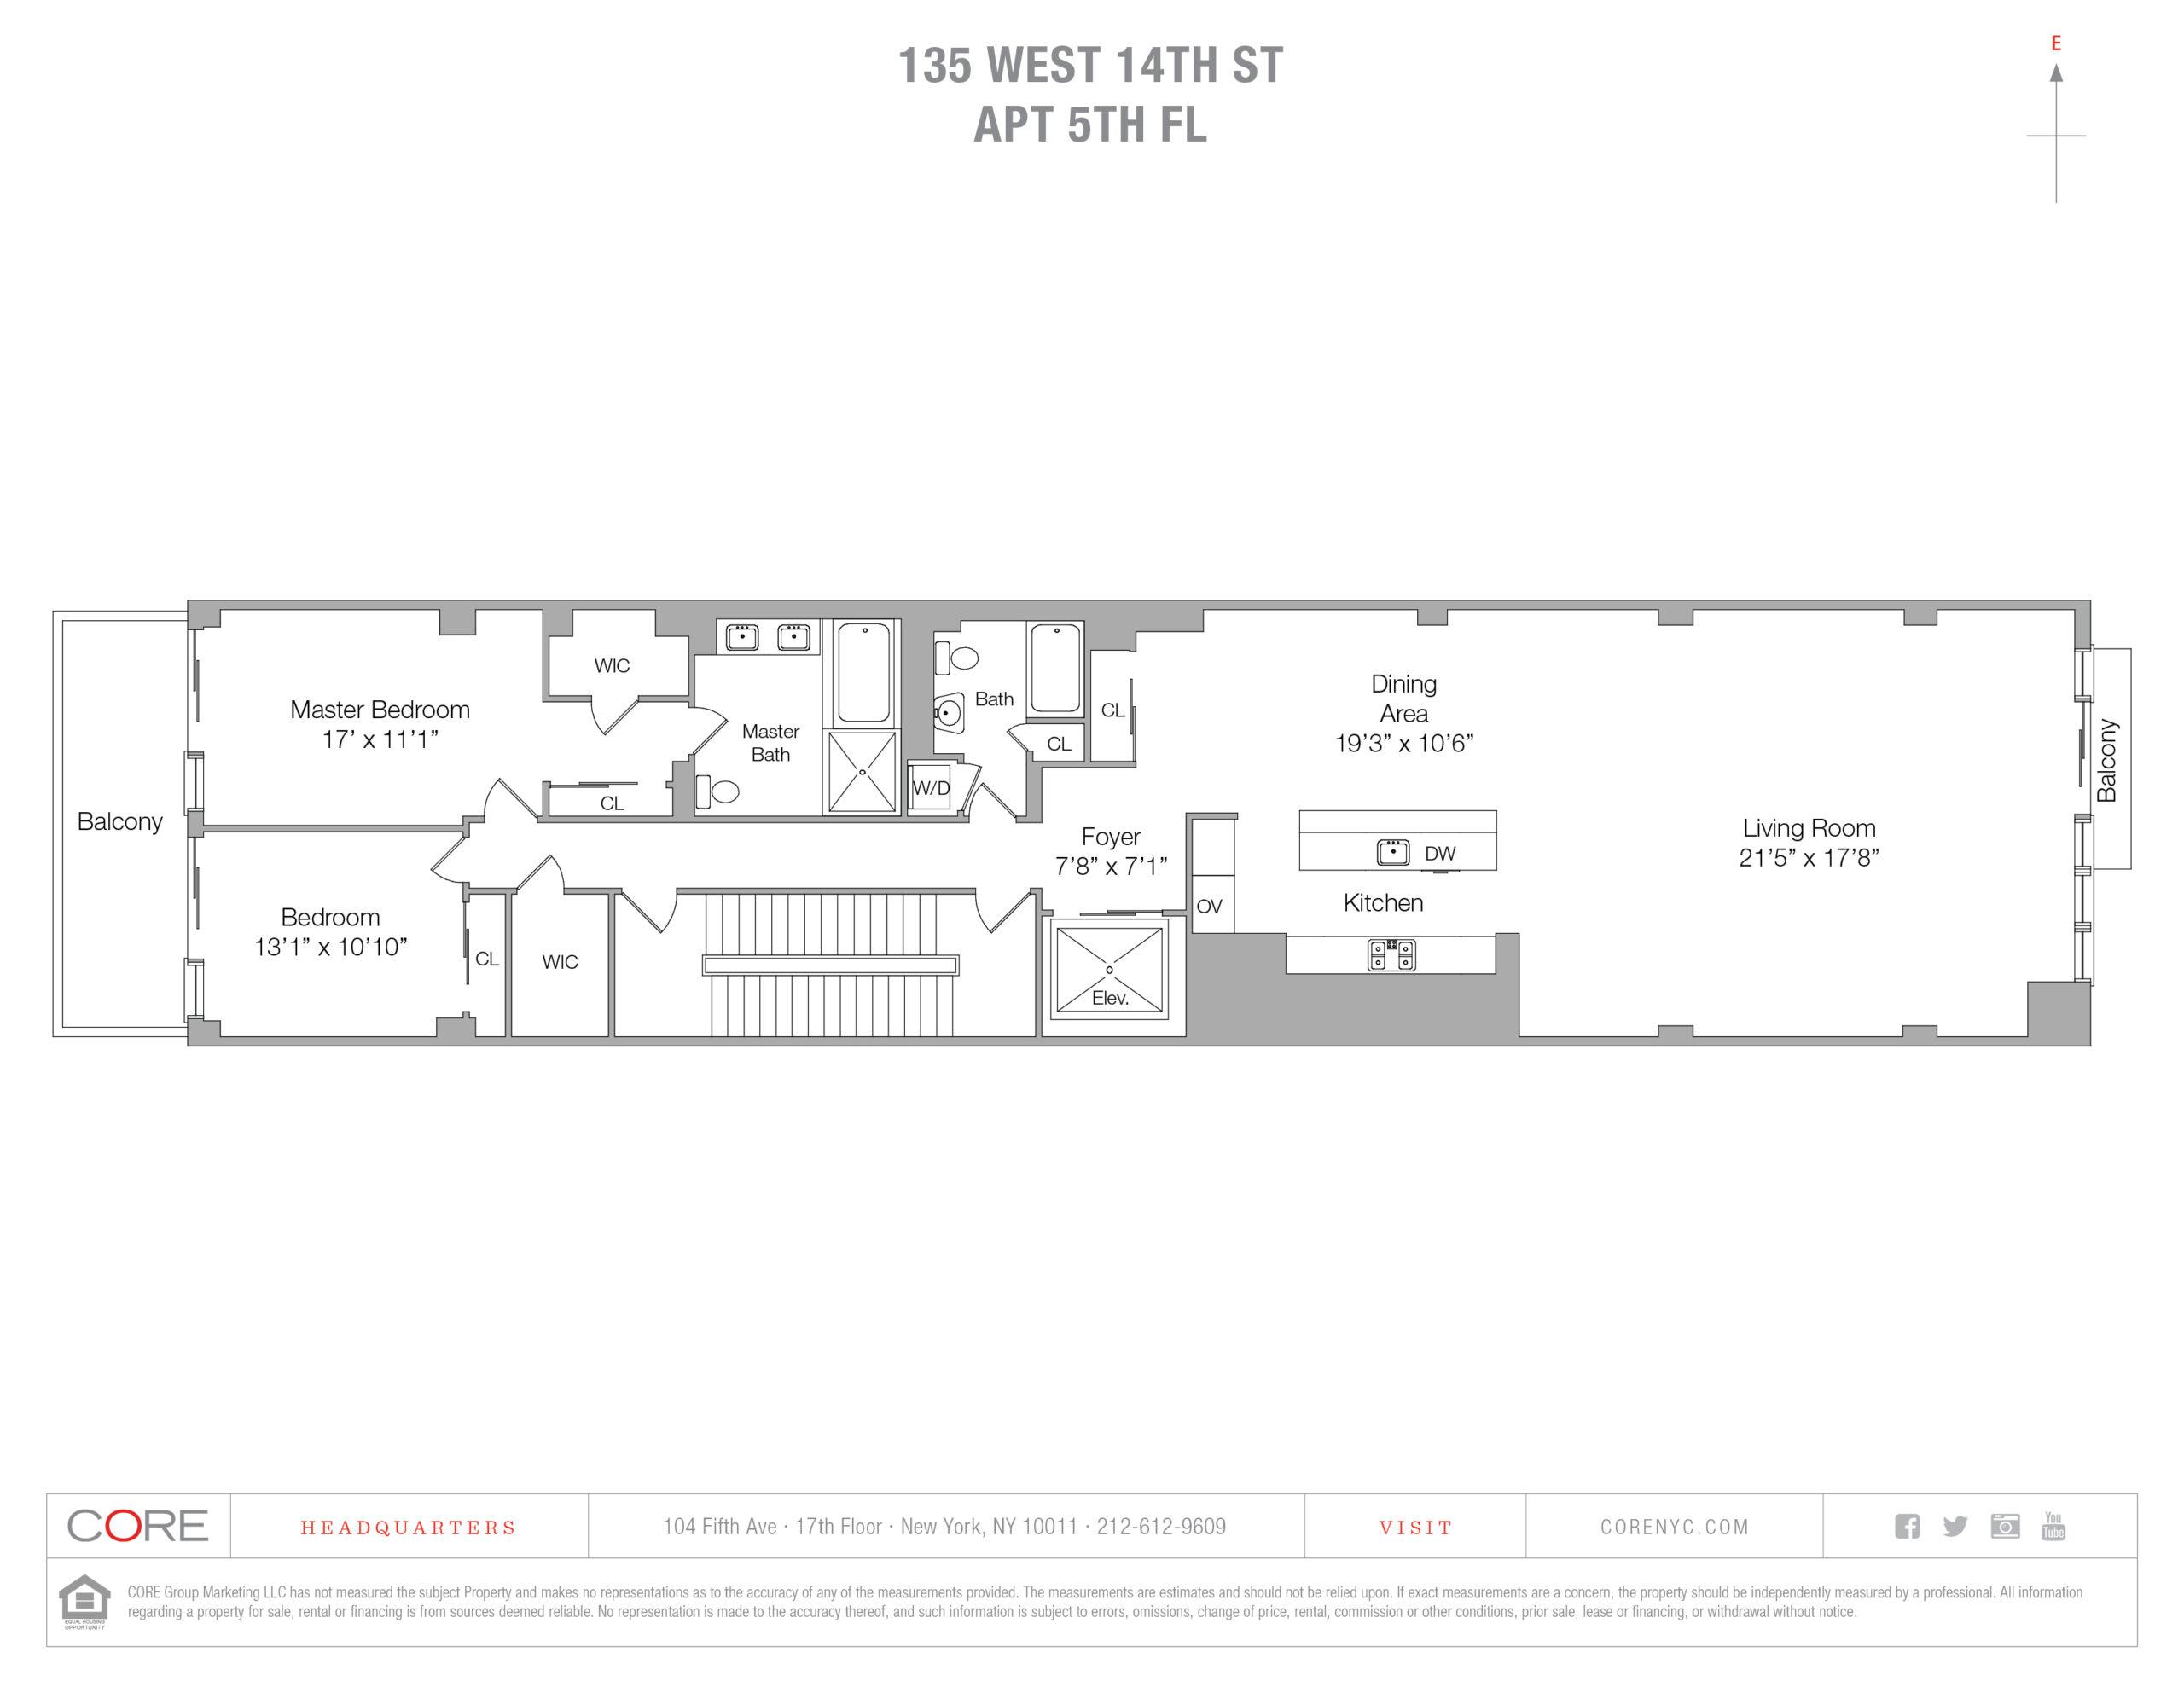 135 West 14th St. 5, New York, NY 10011